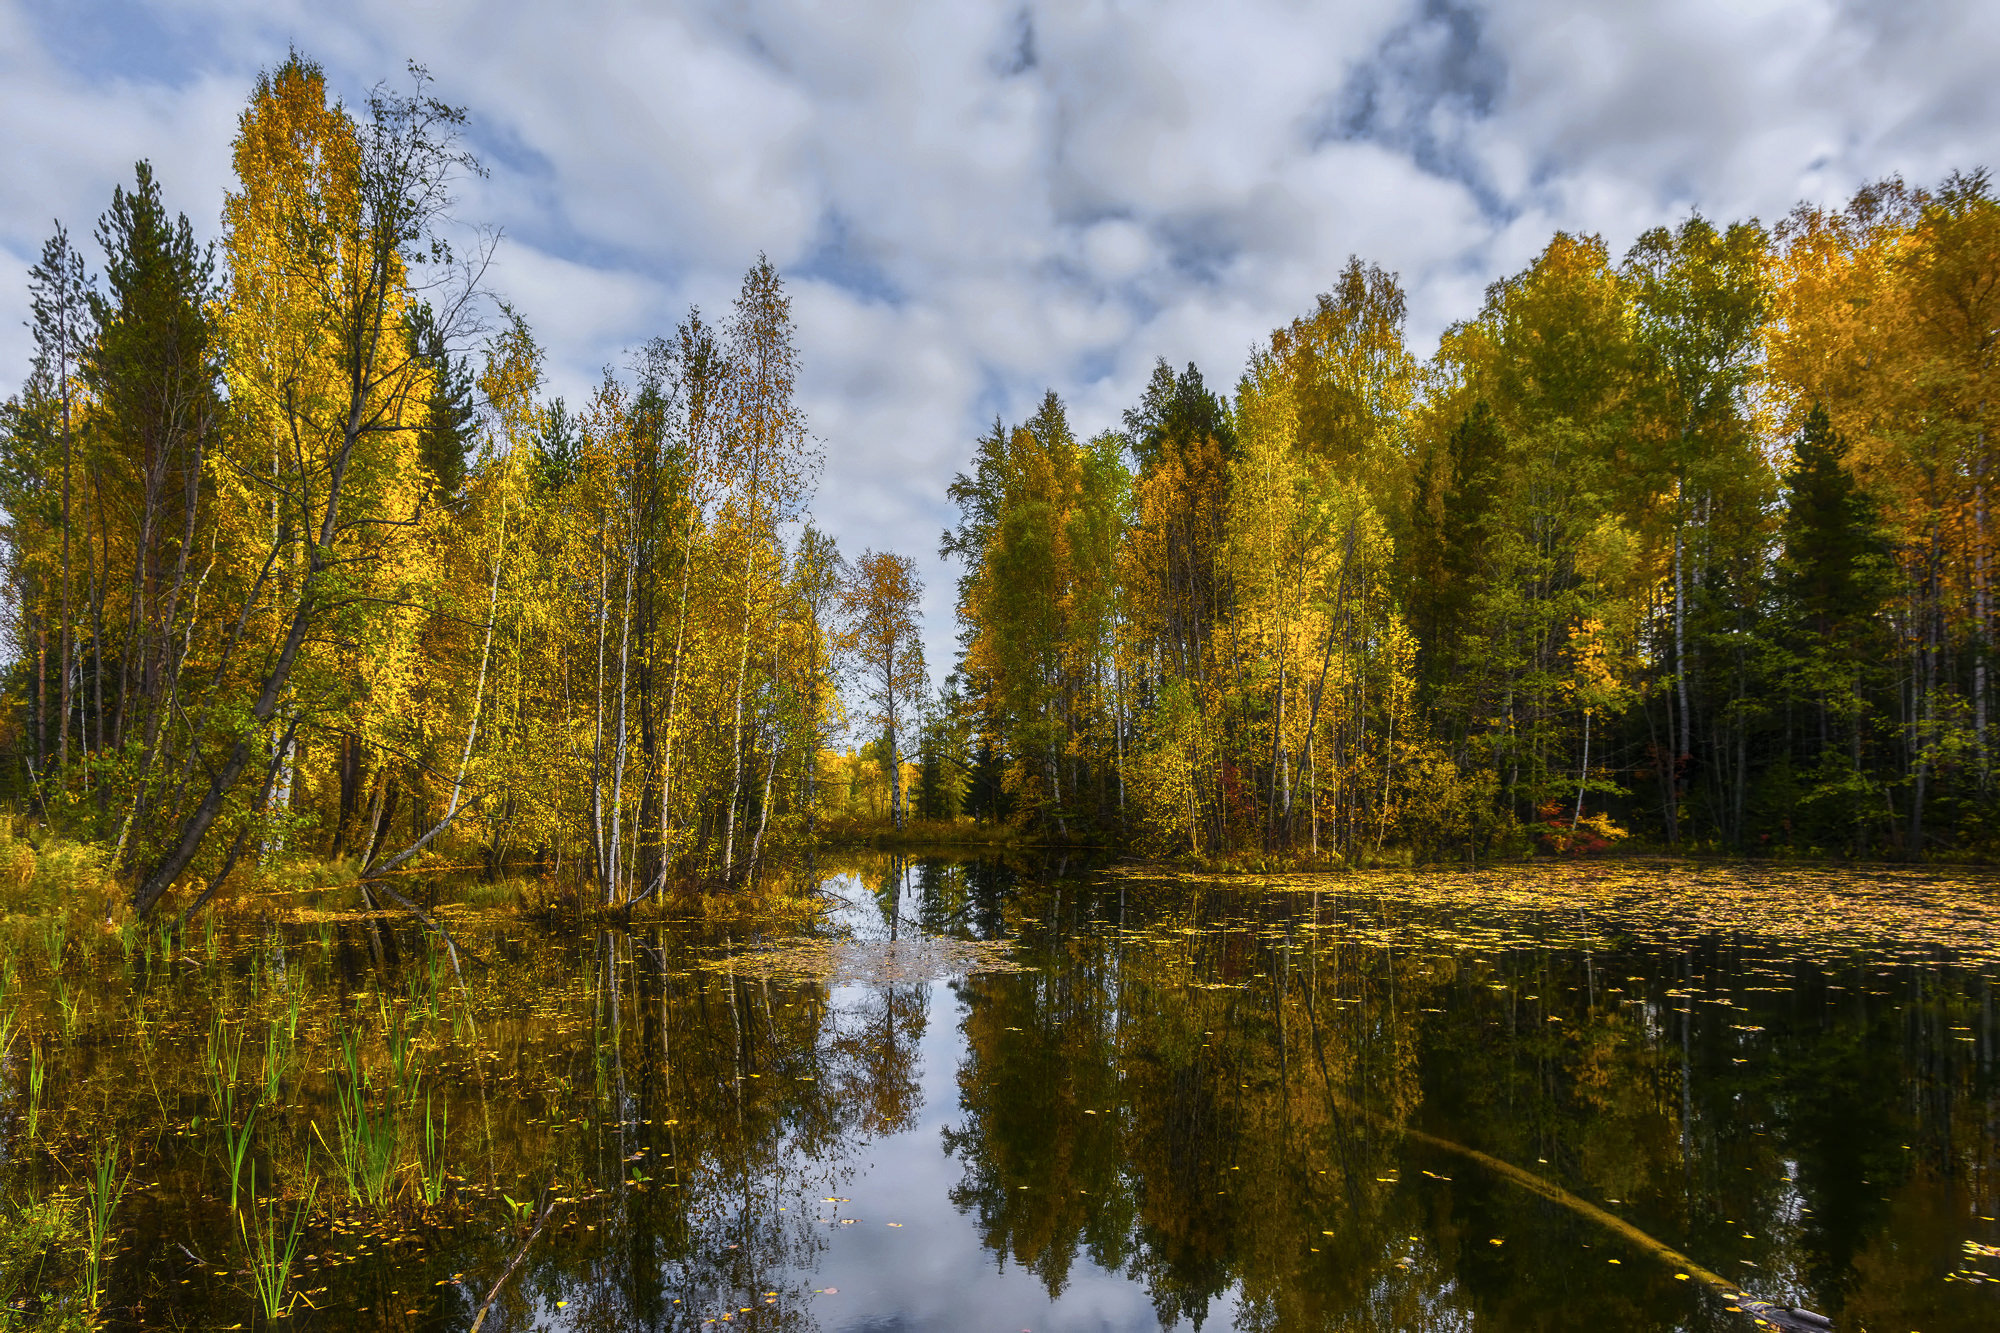 дизайнер воплощает картинки лесные озера могут спасти масс